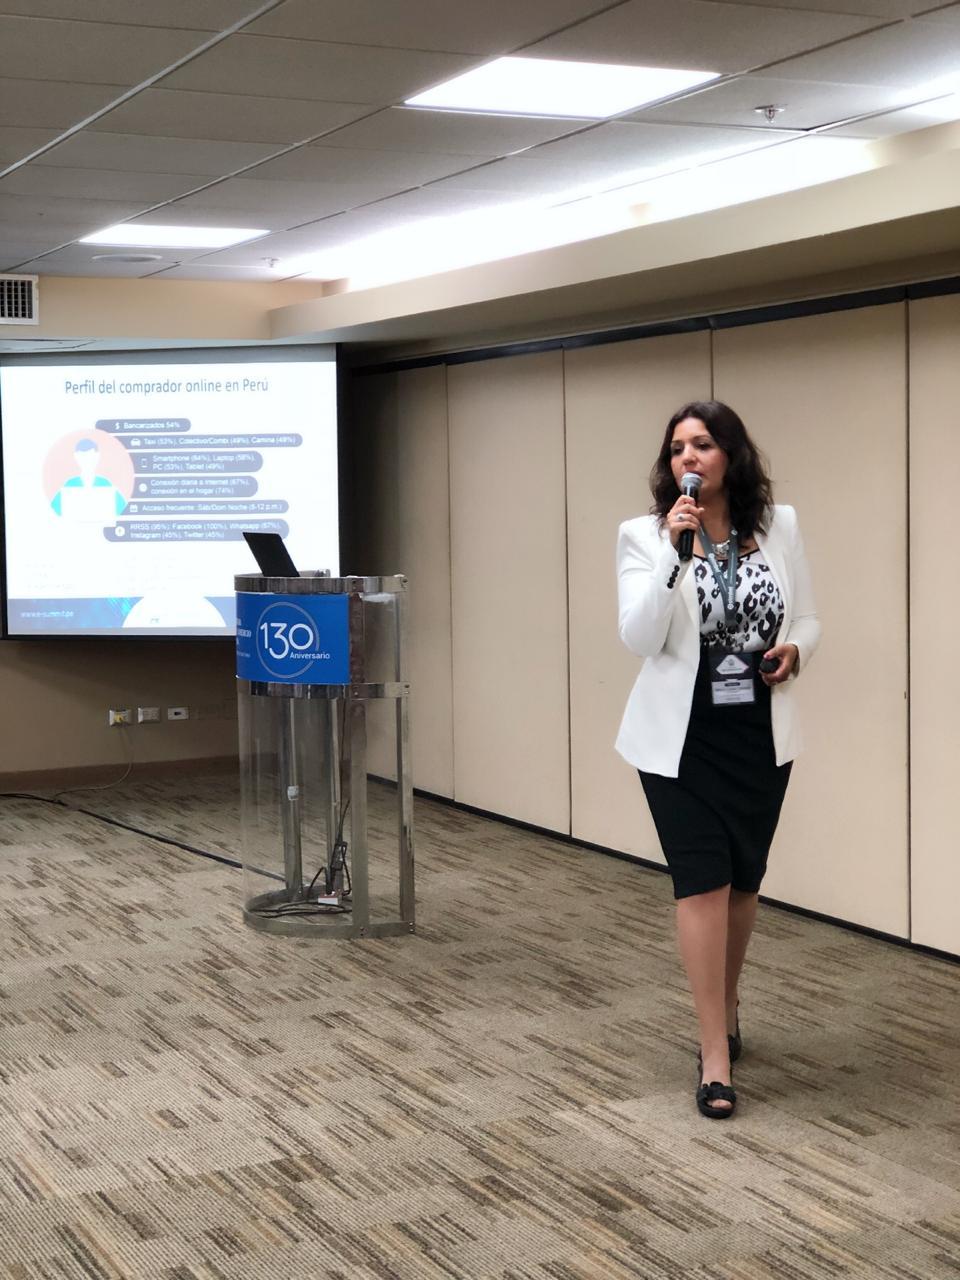 Maria Laura Orfanó, en plena charla brindando recomendaciones para aumentar la tasa de tu tienda ecommerce